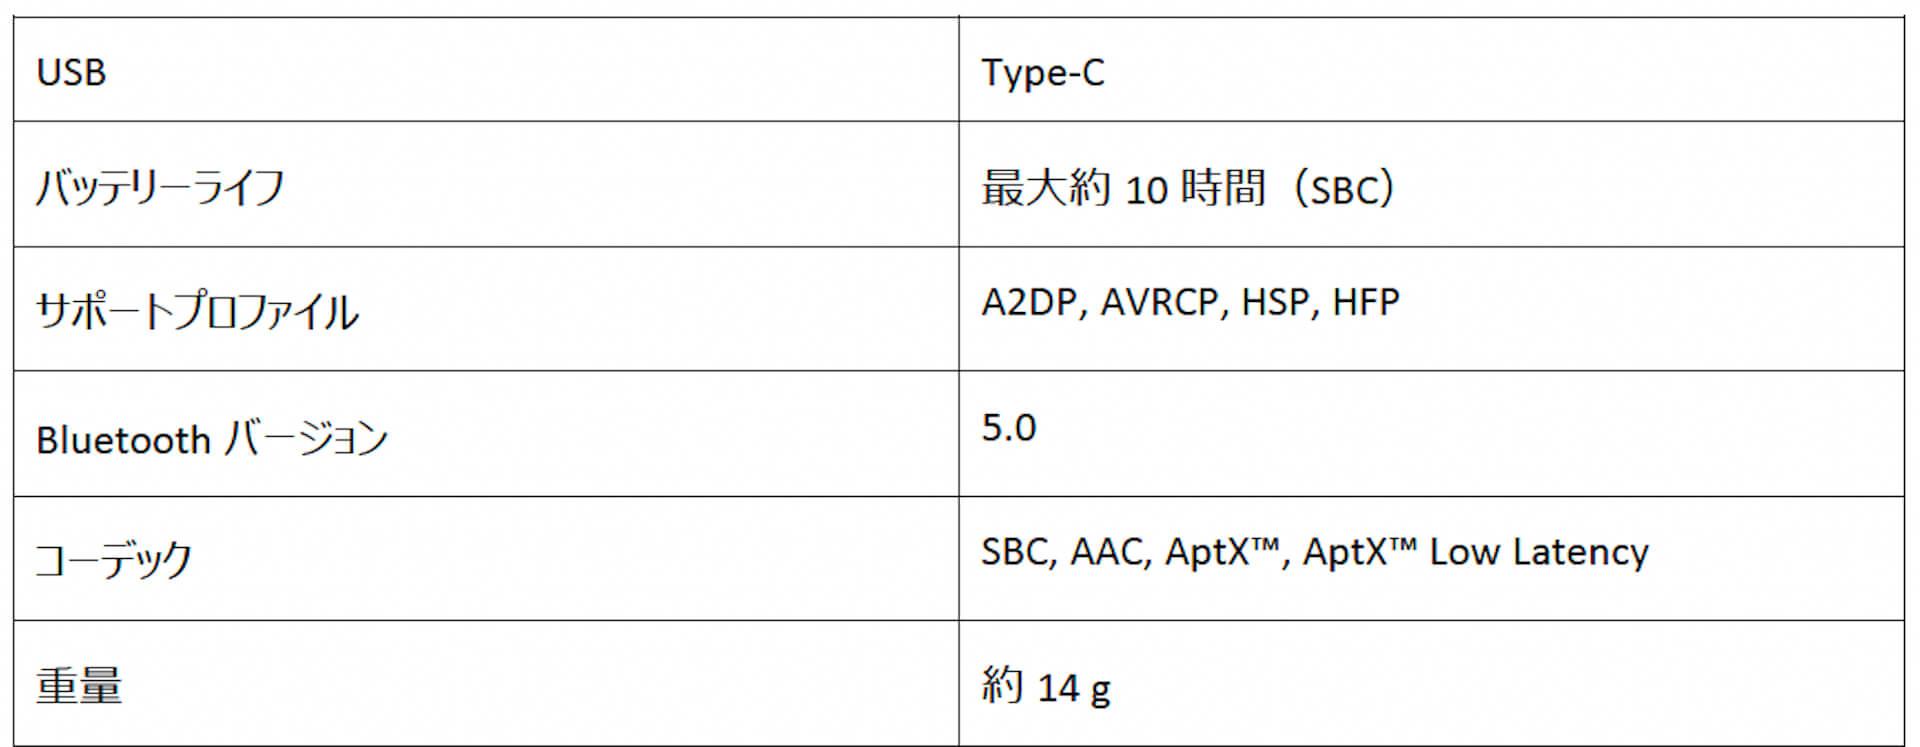 ゼンハイザーからワイヤレス&有線に対応するプロ仕様のモニタリングイヤホン『IE 100 PRO Wireless』が発売決定! tech210930_sennheiser_9